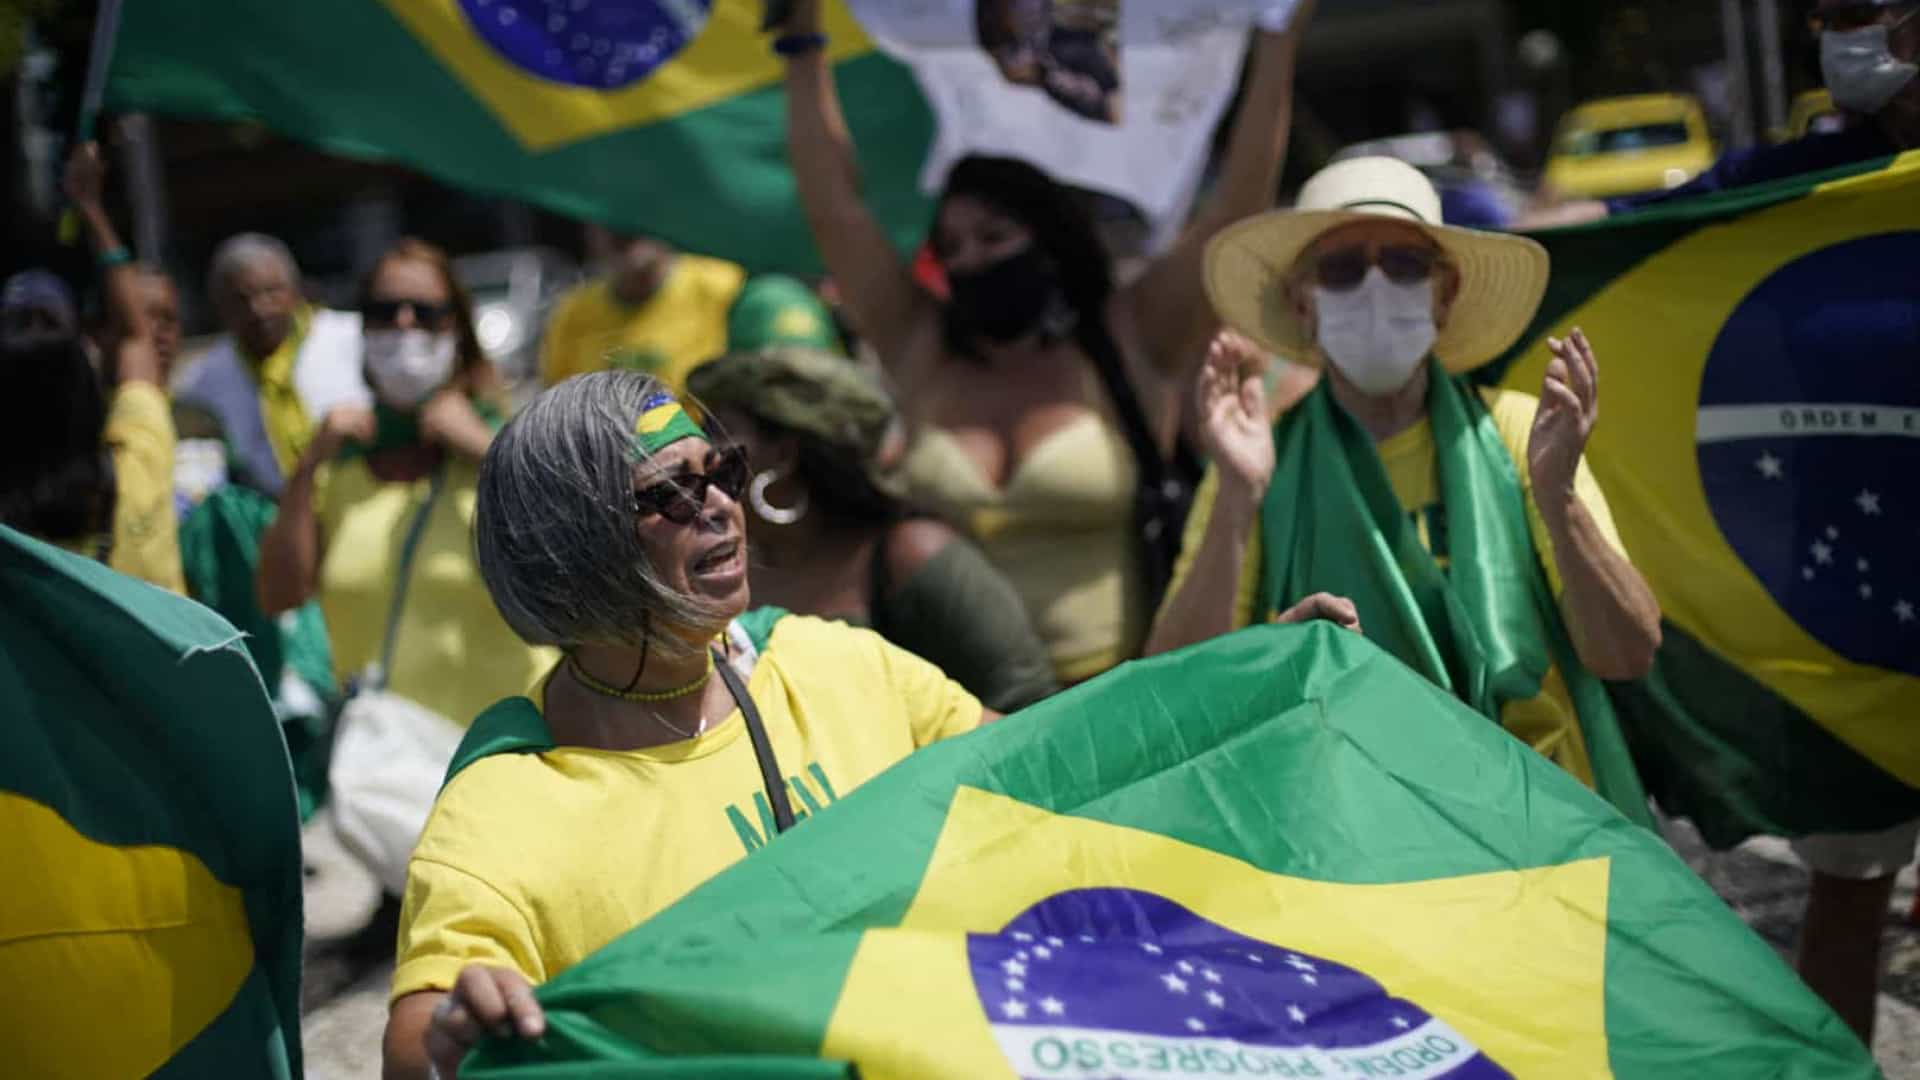 naom 608d8dc8cd5ad - Equipe da CNN é hostilizada e expulsa de ato bolsonarista no Rio - VEJA VÍDEO